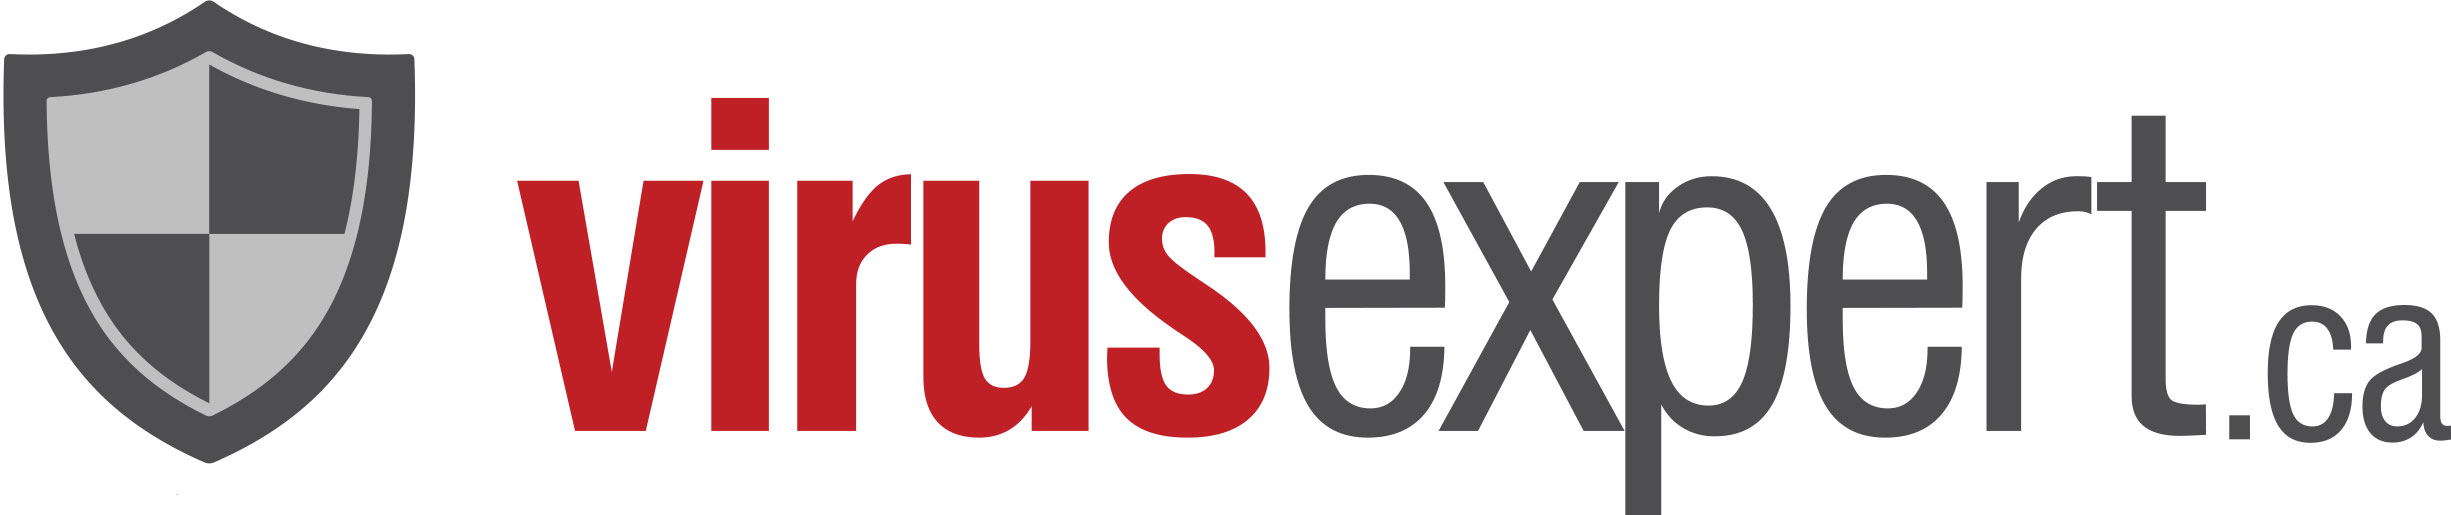 Virusexpert.ca